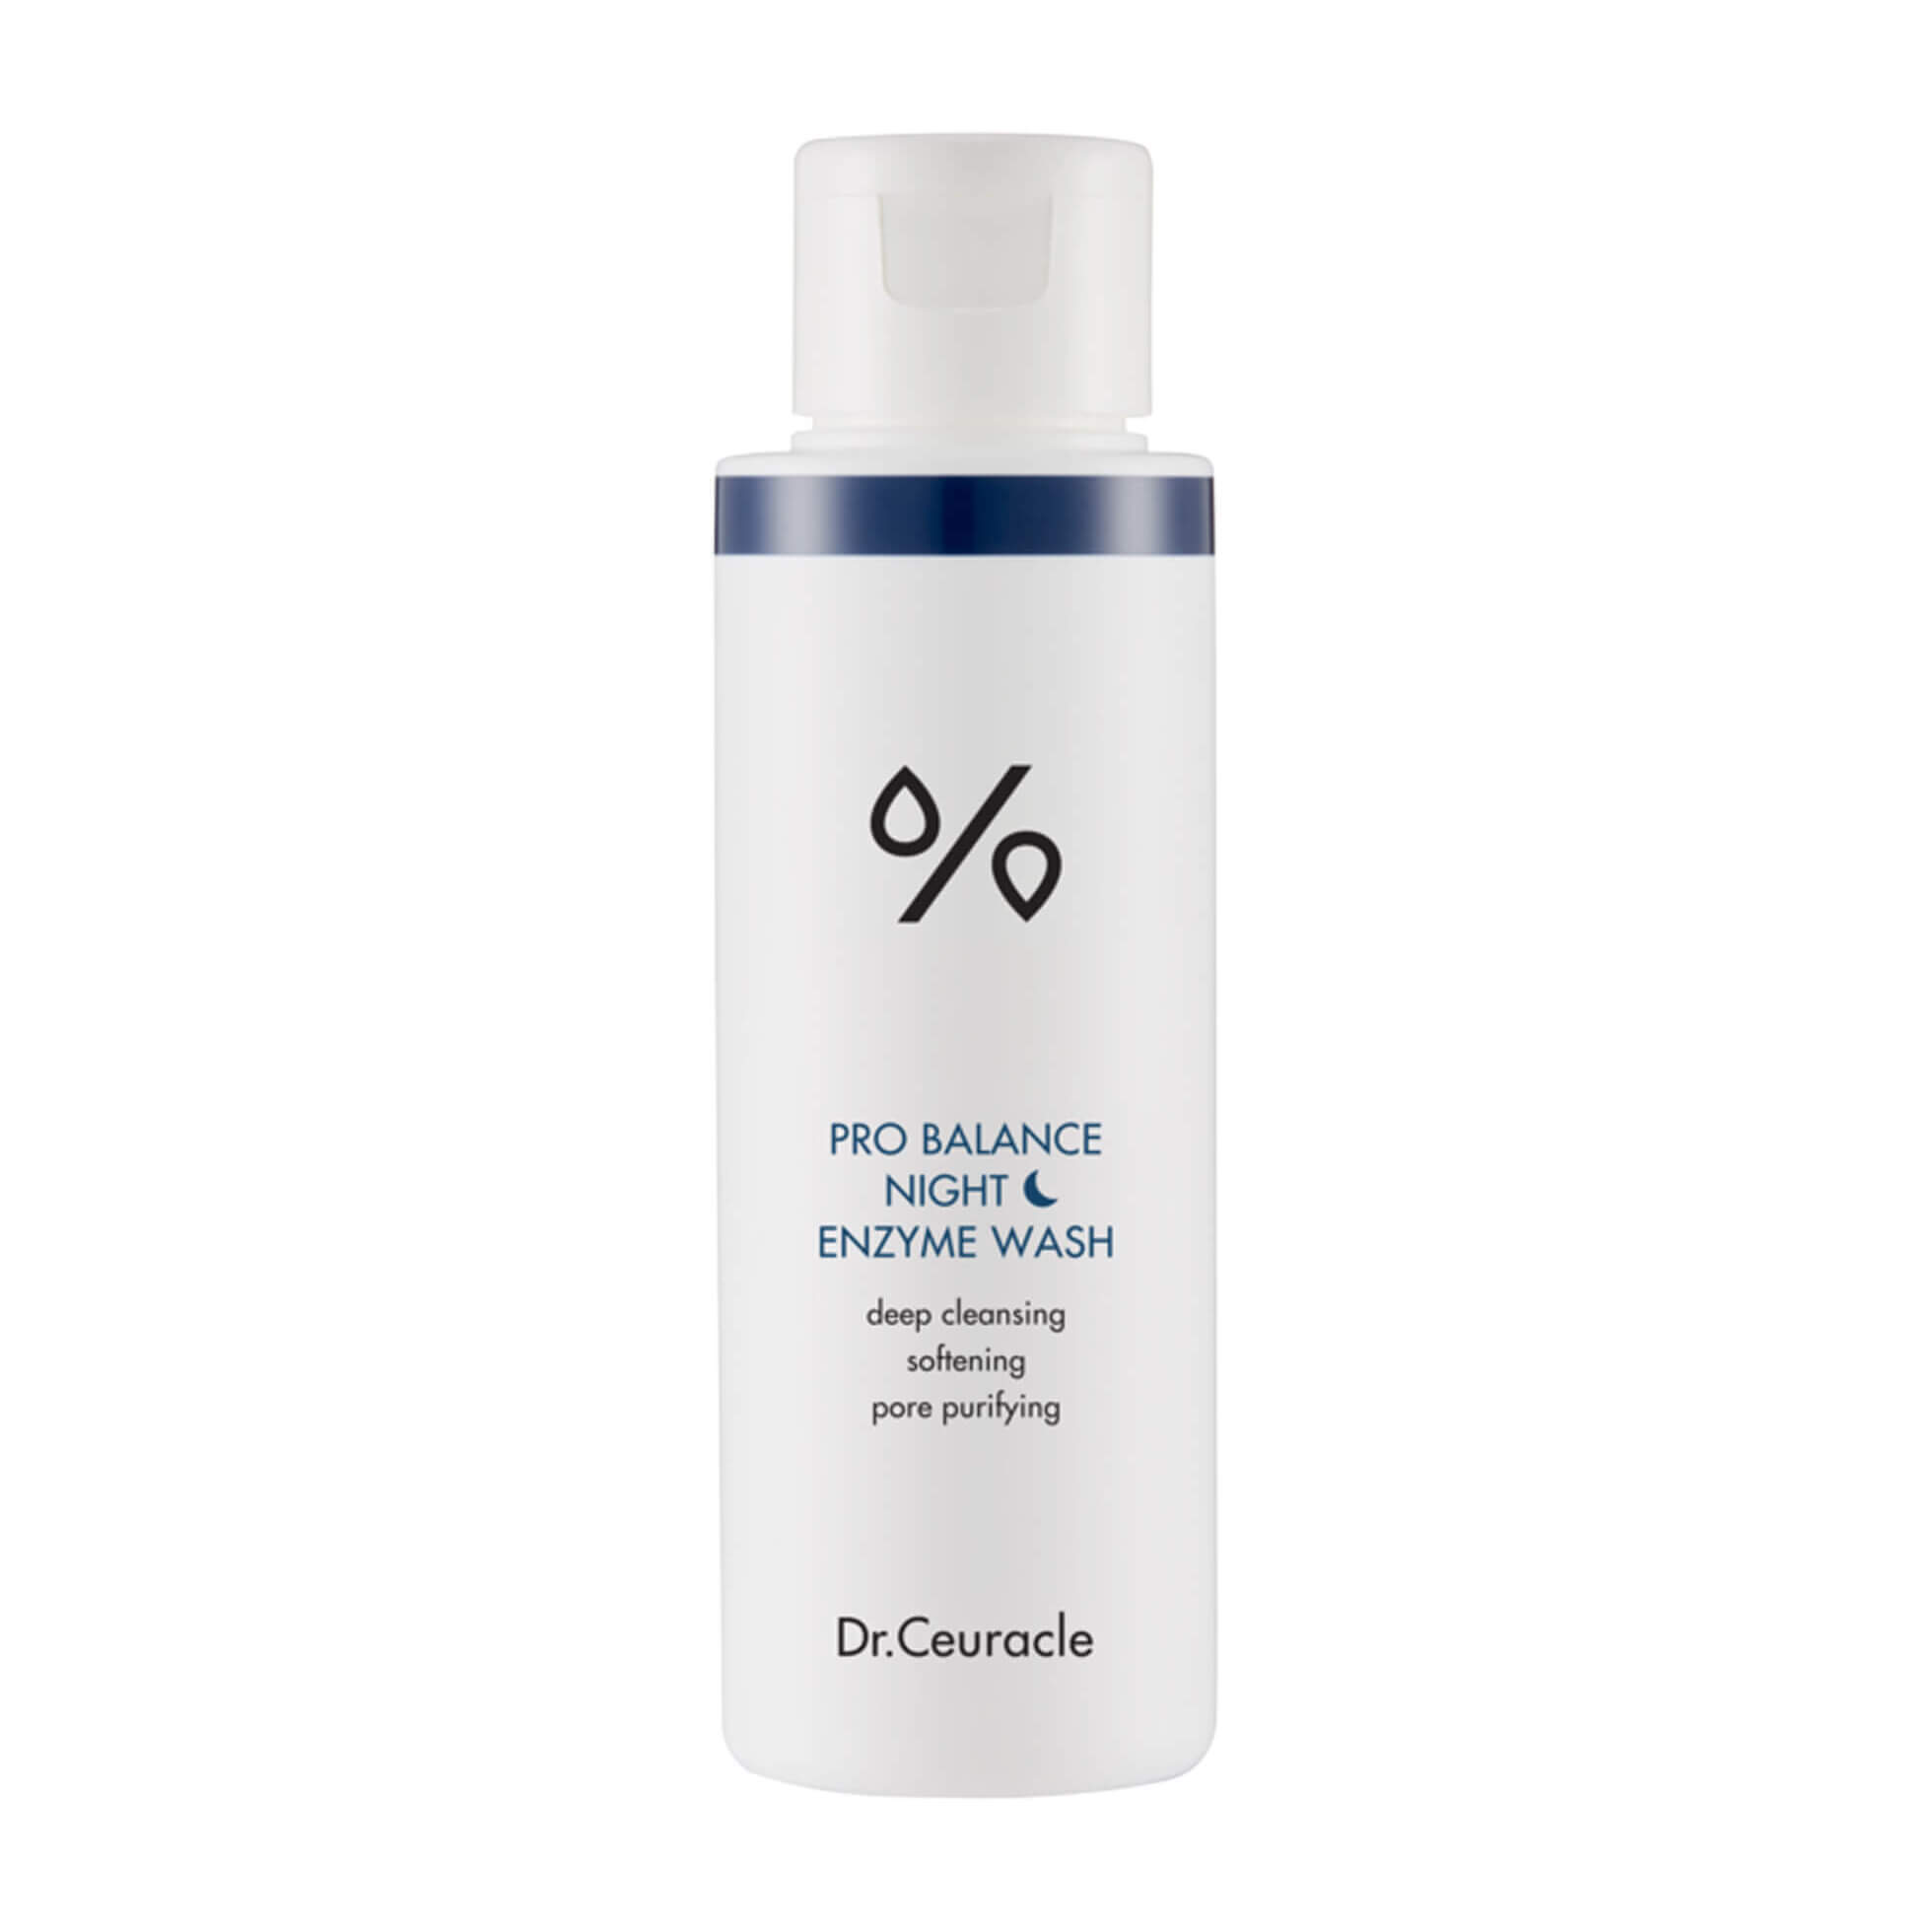 Энзимная пудра ночная Dr.Ceuracle Pro Balance Night Enzyme Wash 50 г.